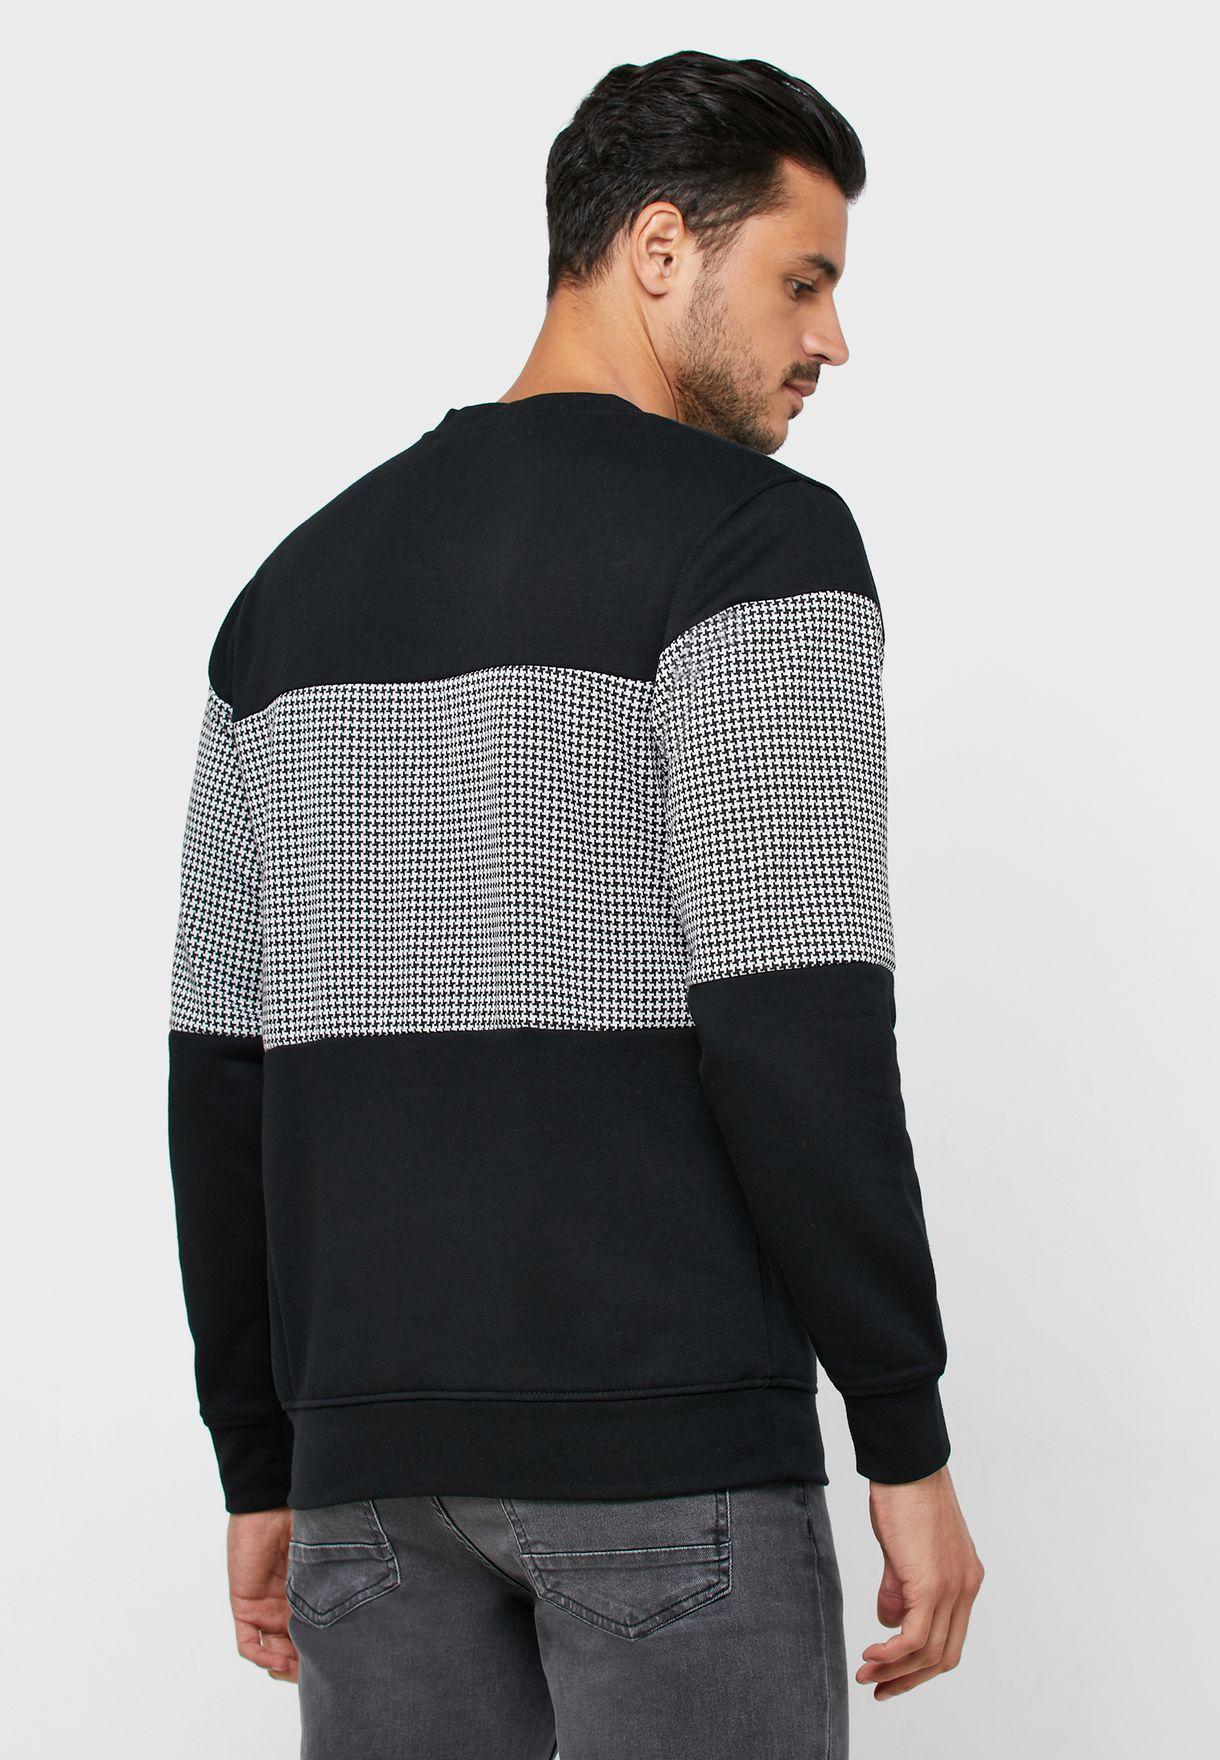 Hounds Color Block Sweatshirt